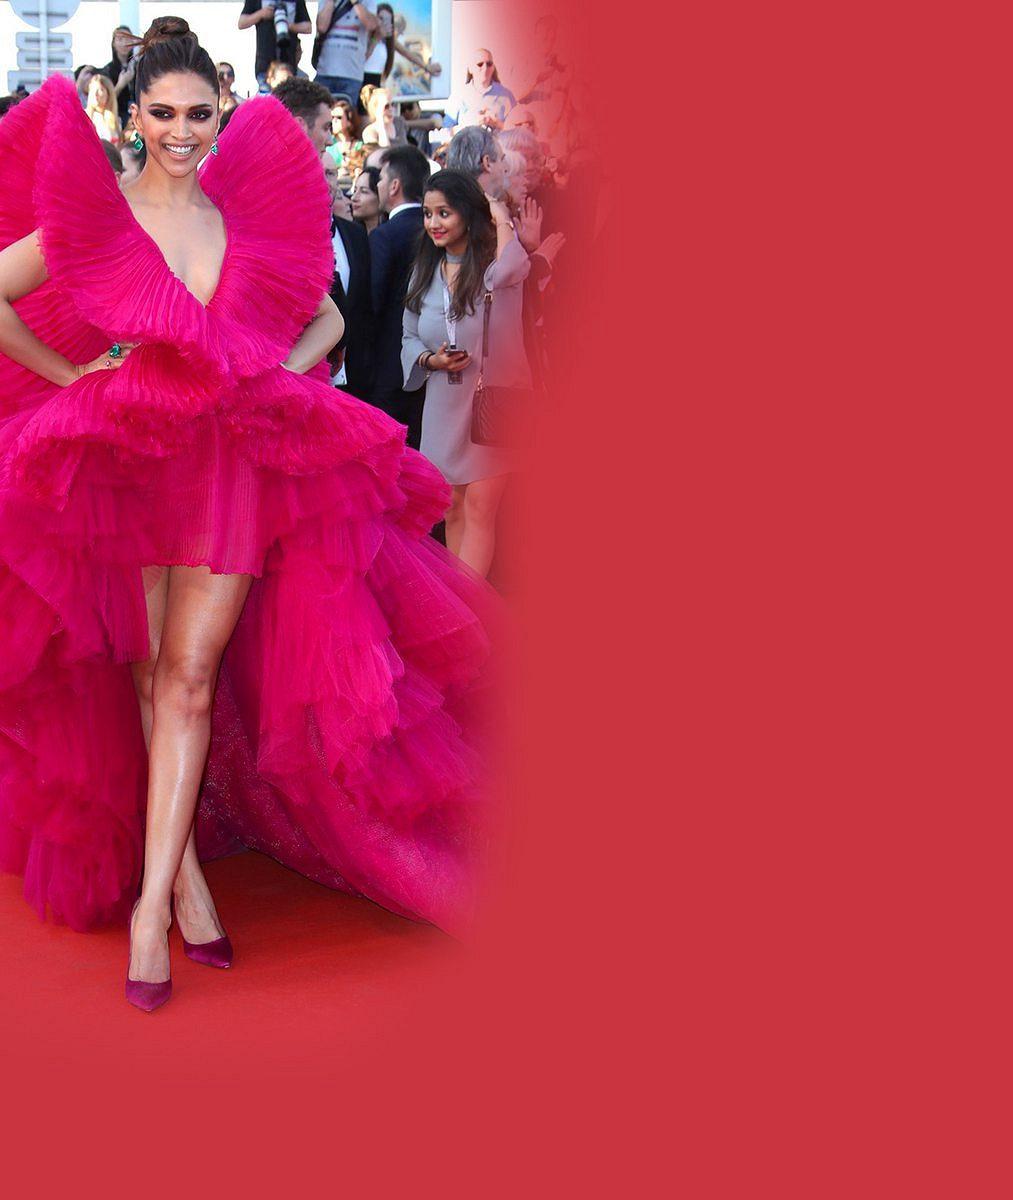 10nejokázalejších modelů čerstvé pětatřicátnice. Bollywoodská královna střídá indické sárí sevropským luxusem